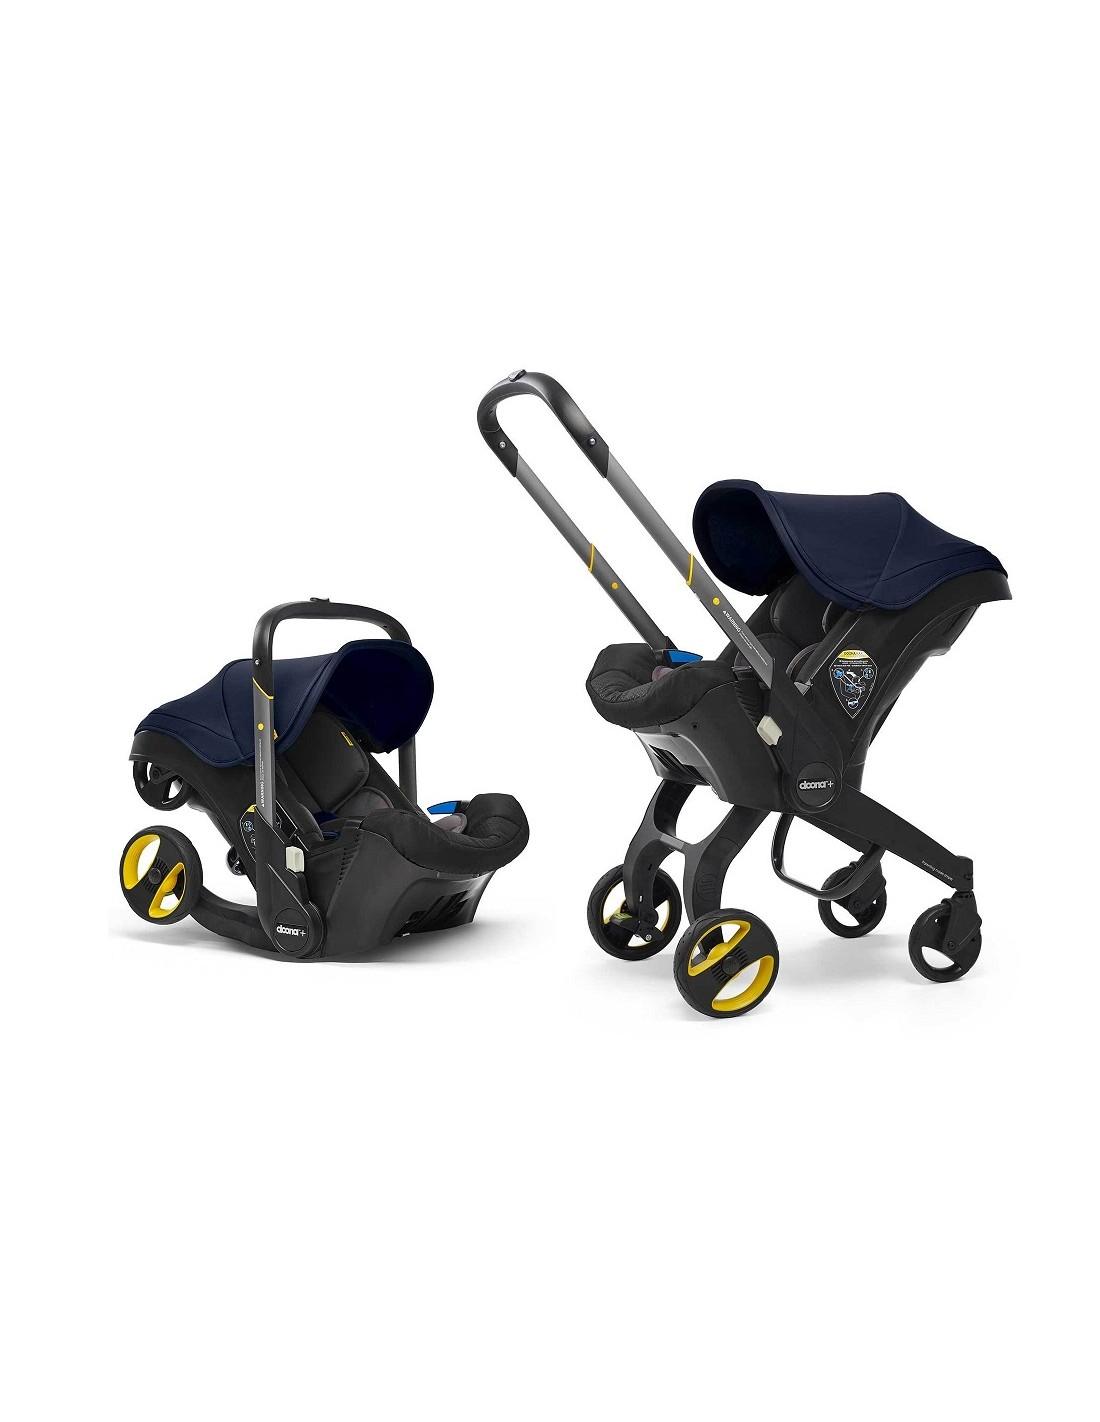 Doona Infant Car Seat 2019 - Royal Blue